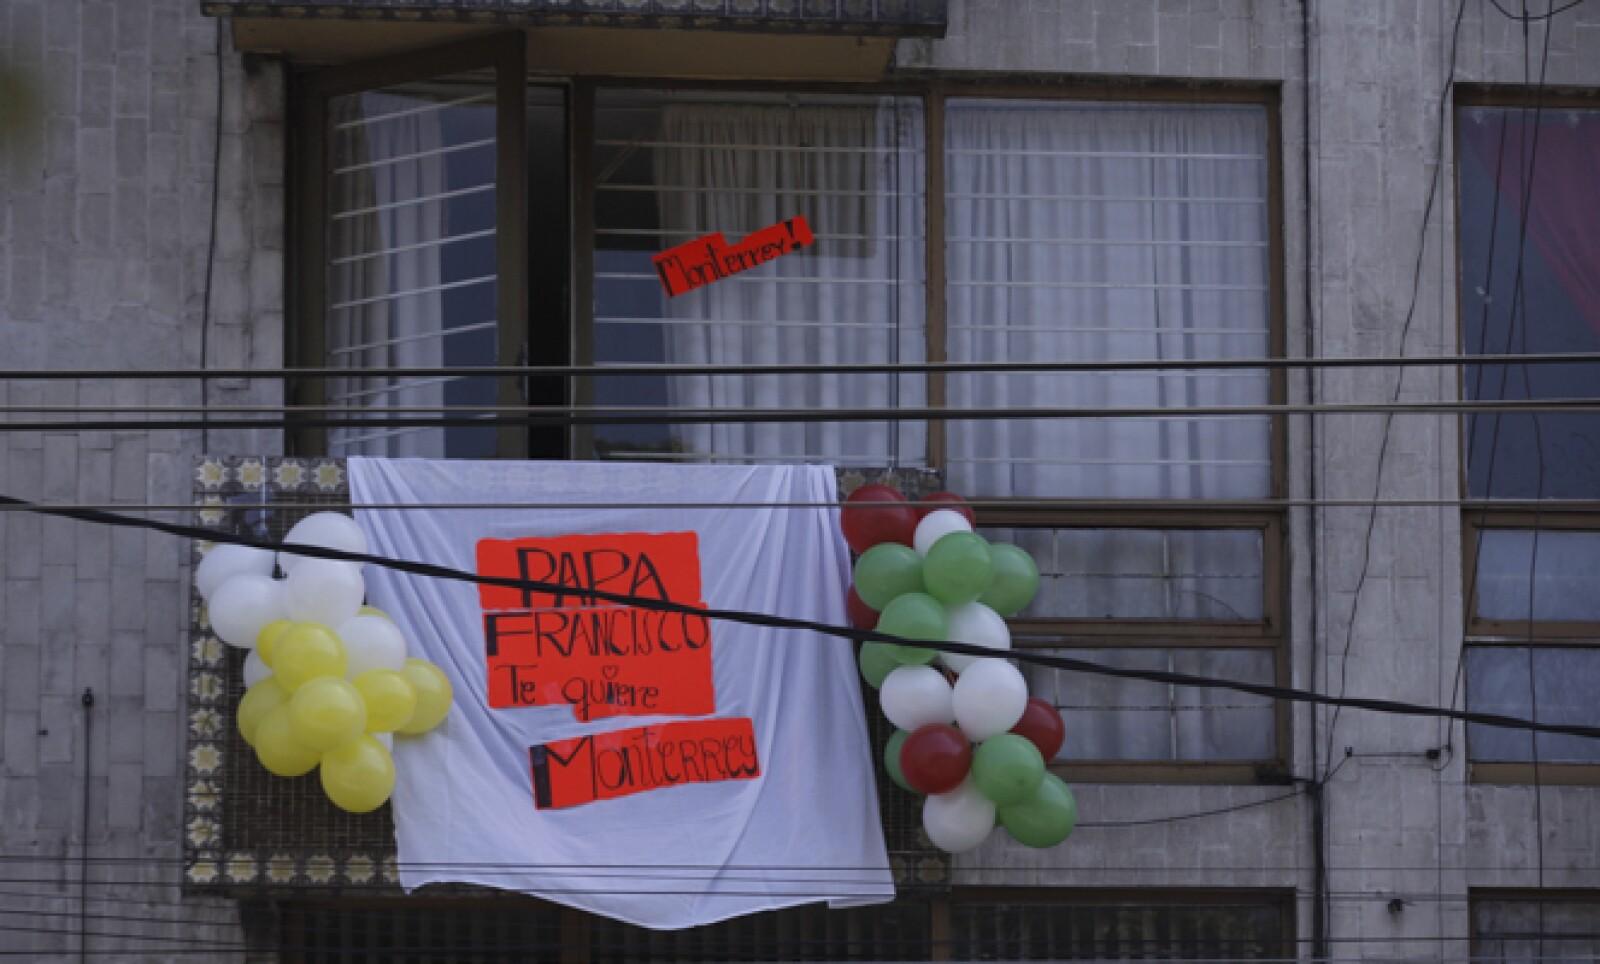 Las casas ubicadas en las calles por donde pasó el papamovil mostraron su afecto por Francisco.